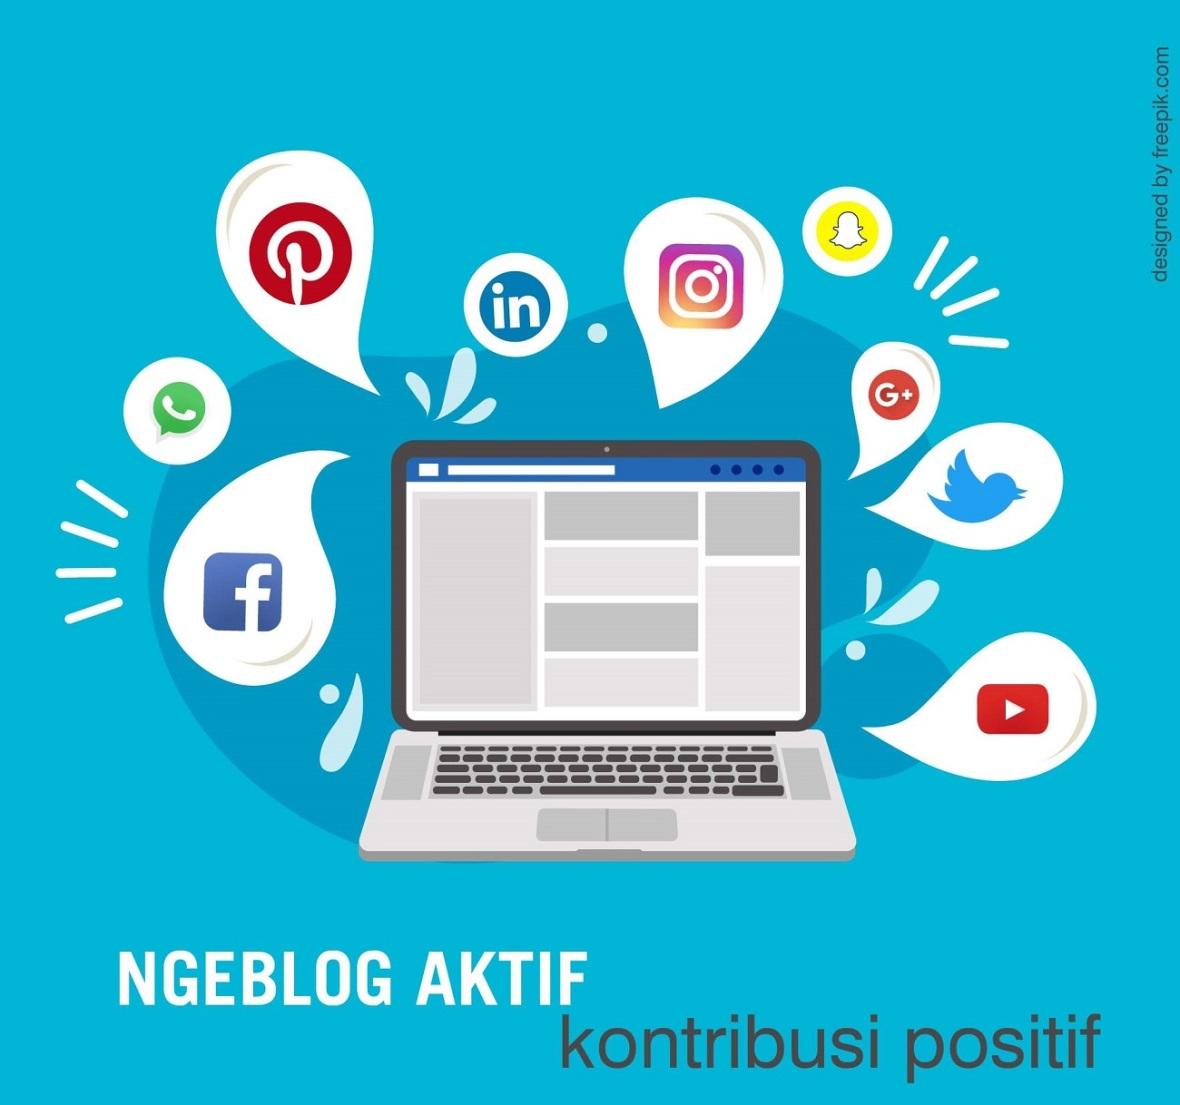 ngeblog aktif